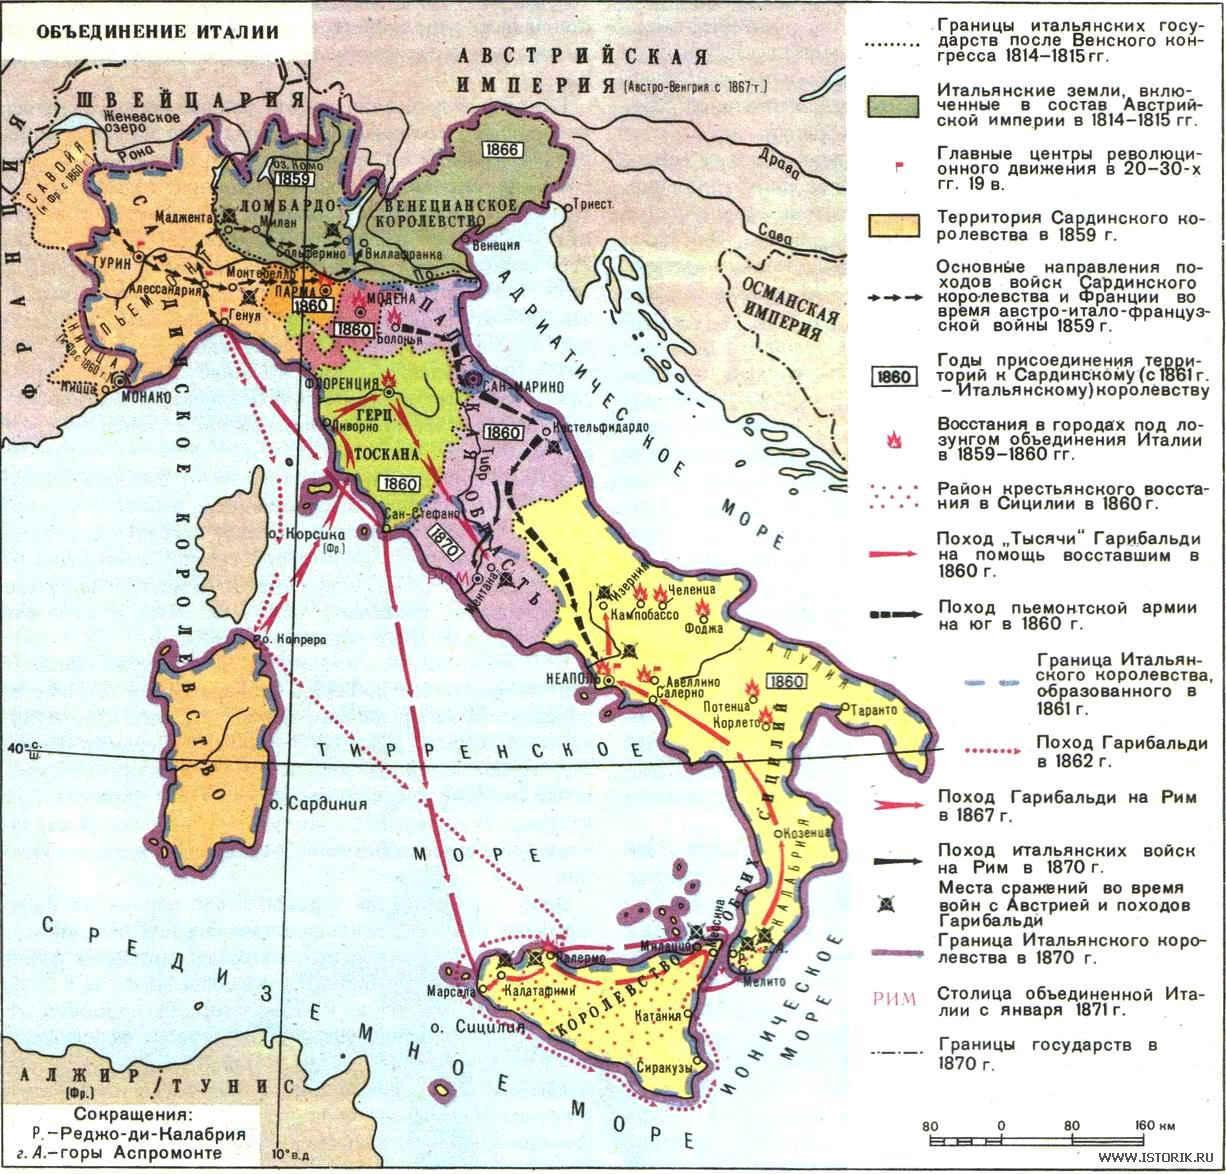 Объединение итальянских земель на исторической карте